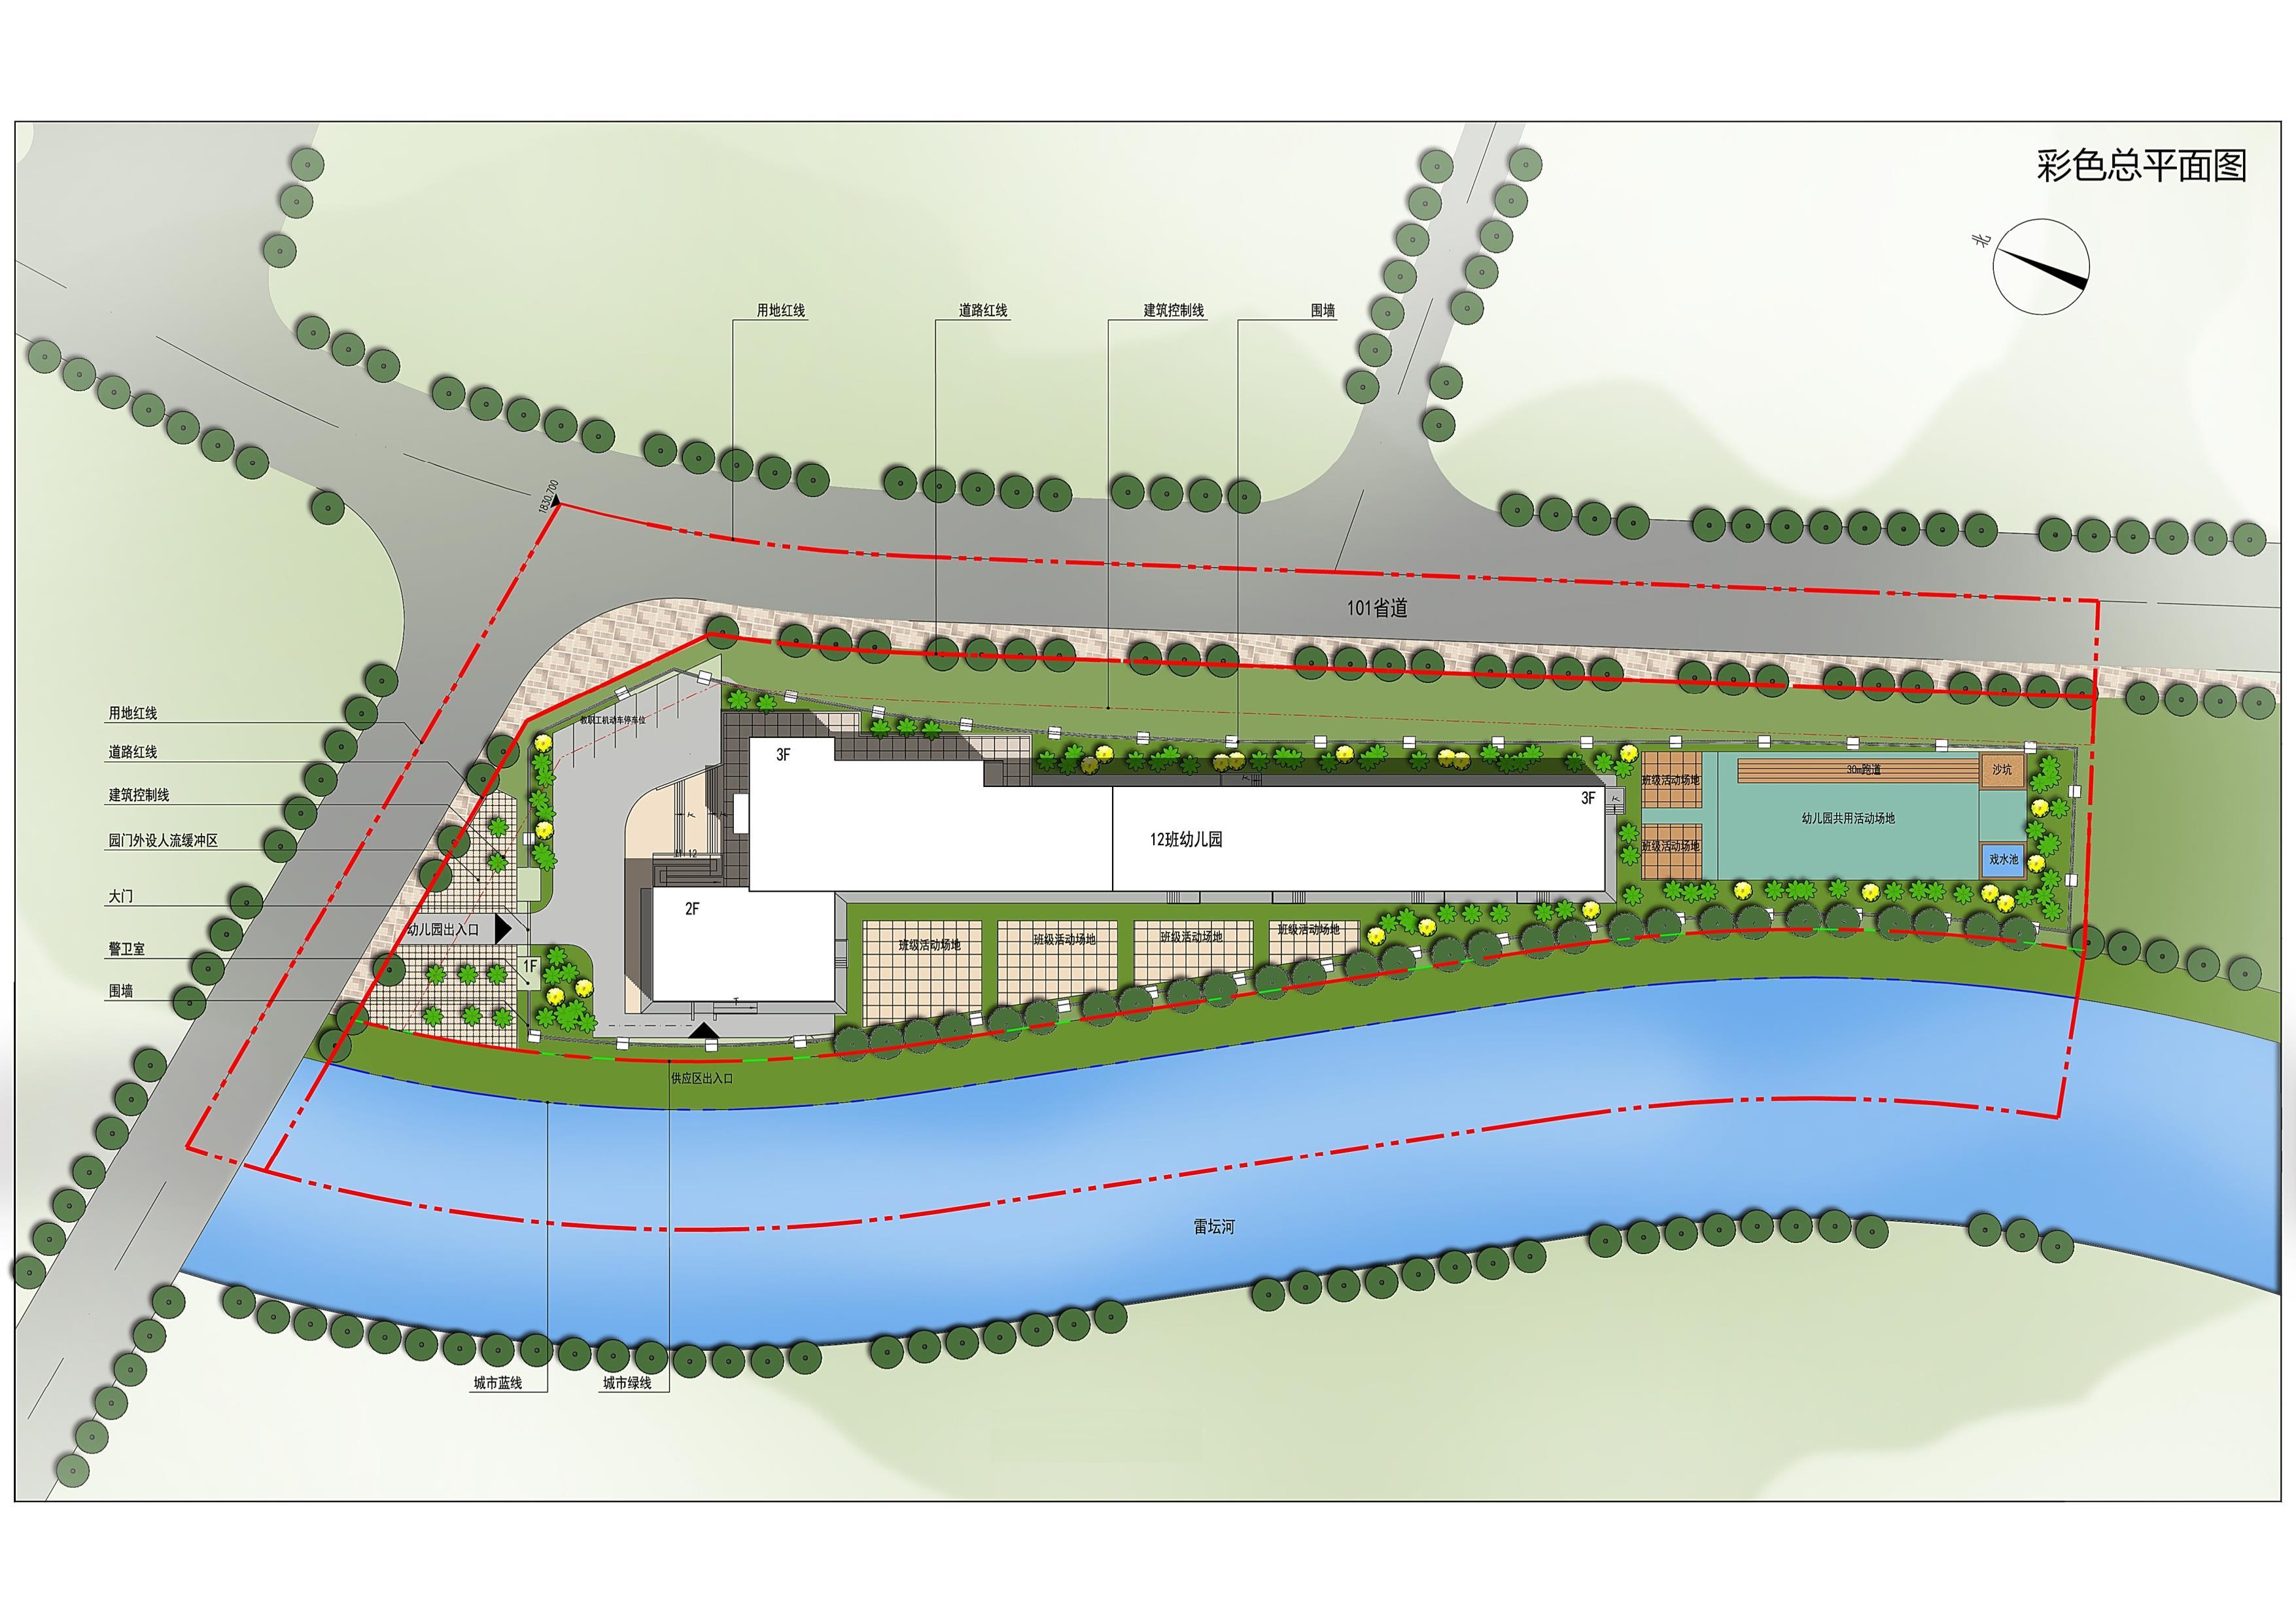 兰州七里河区将新建一所幼儿园,总平面图批前公示了